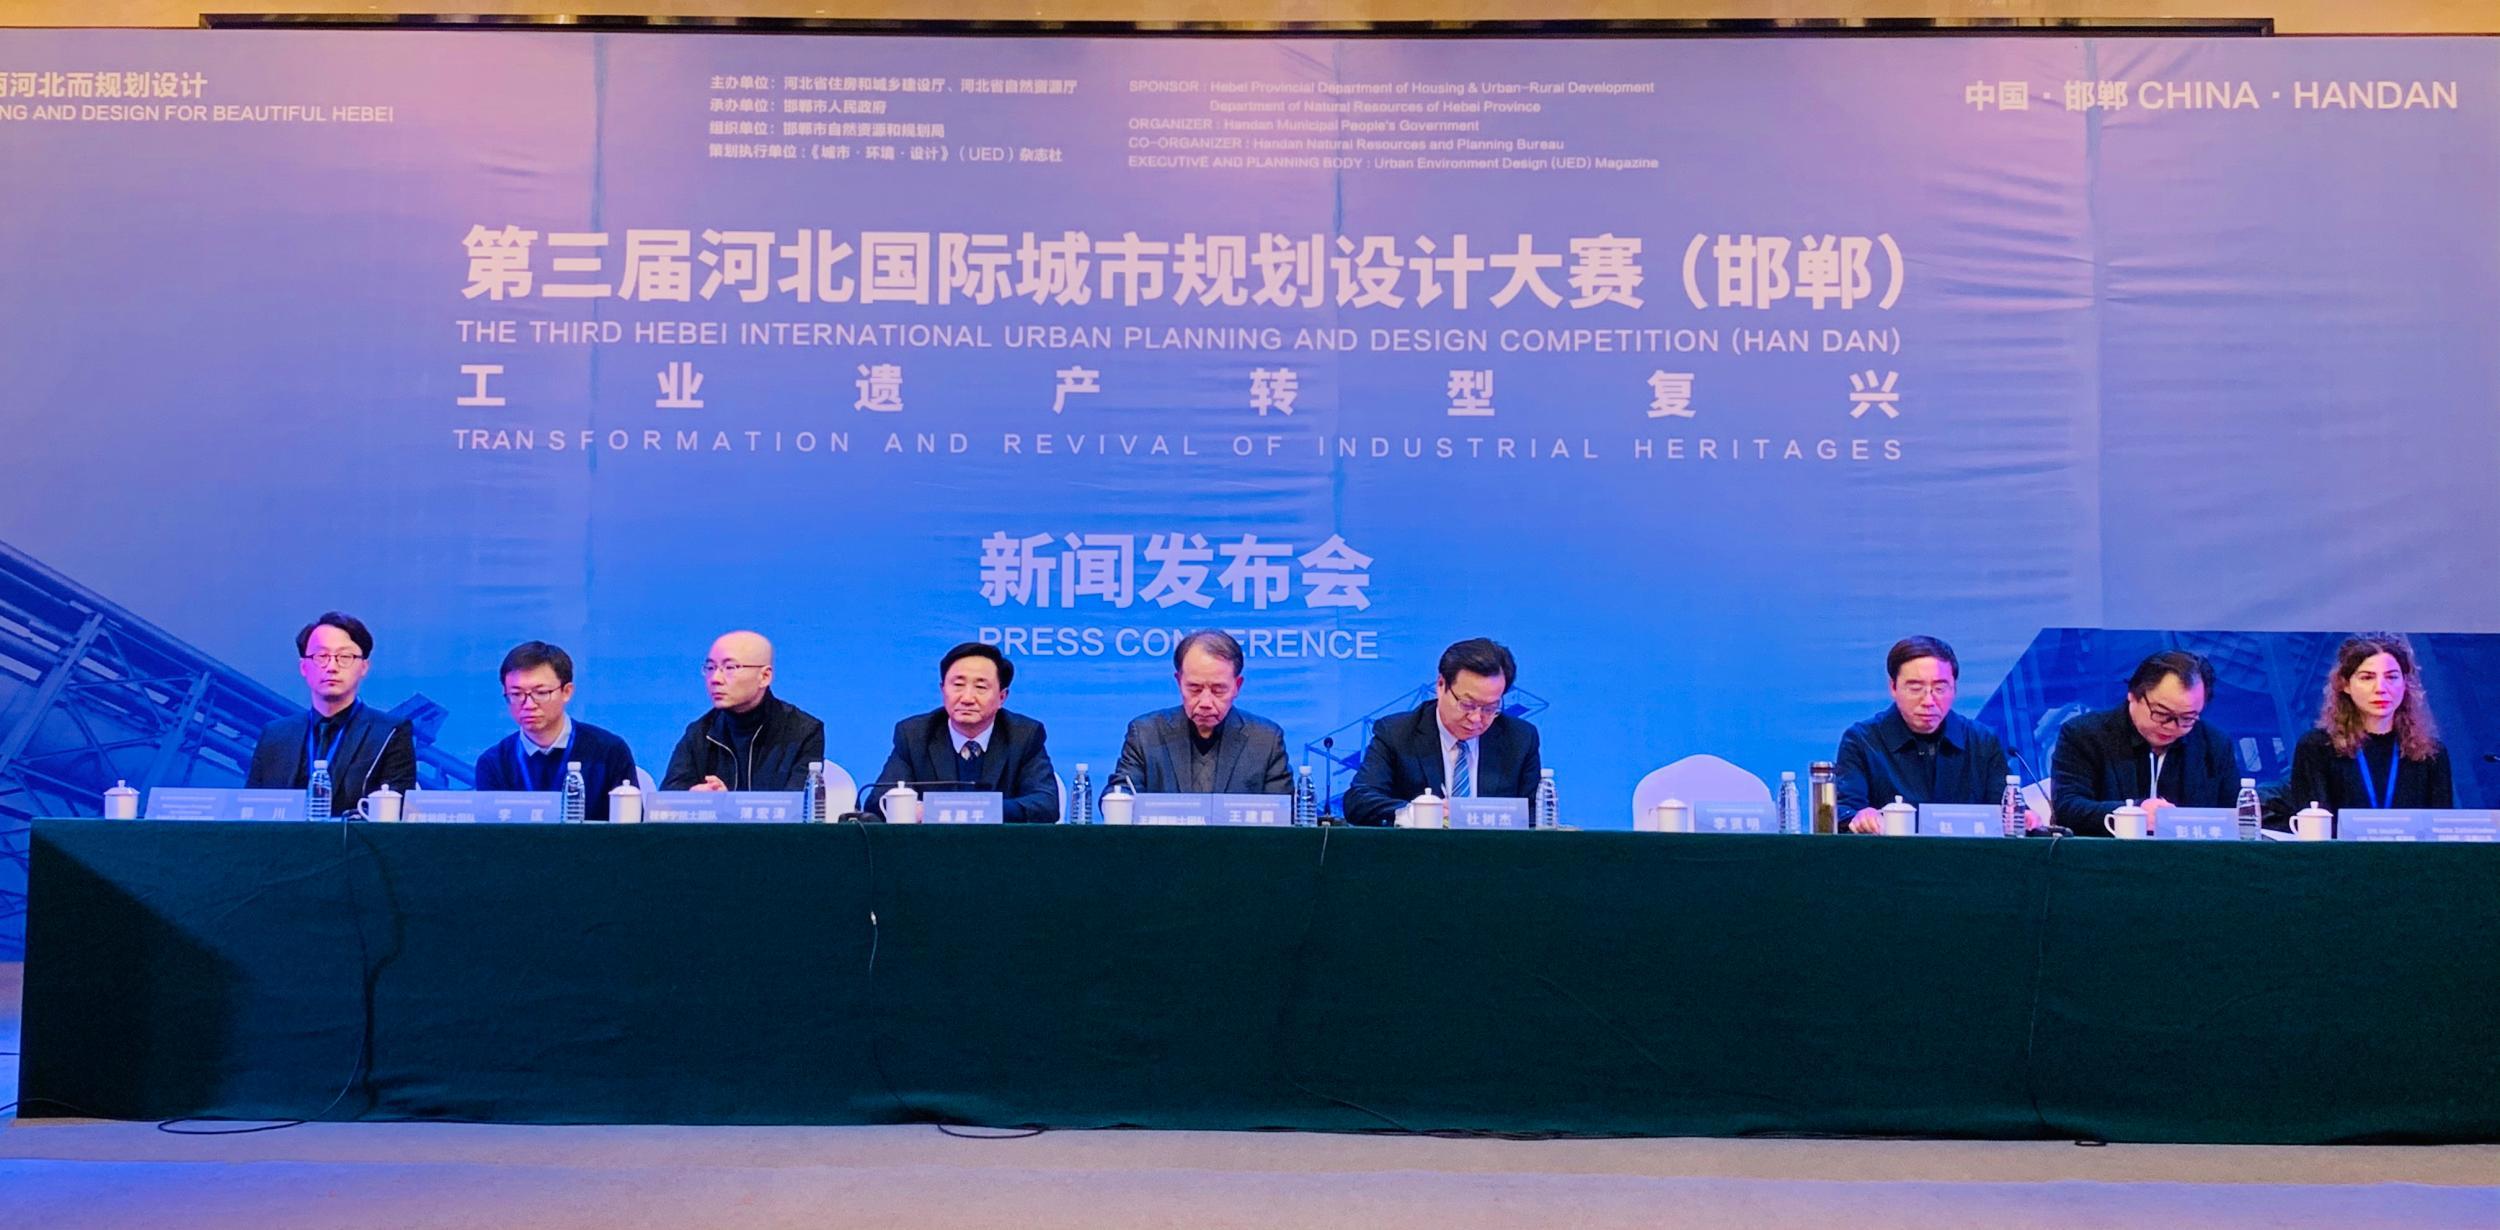 第三届河北国际城市规划设计大赛(邯郸)正式拉开帷幕